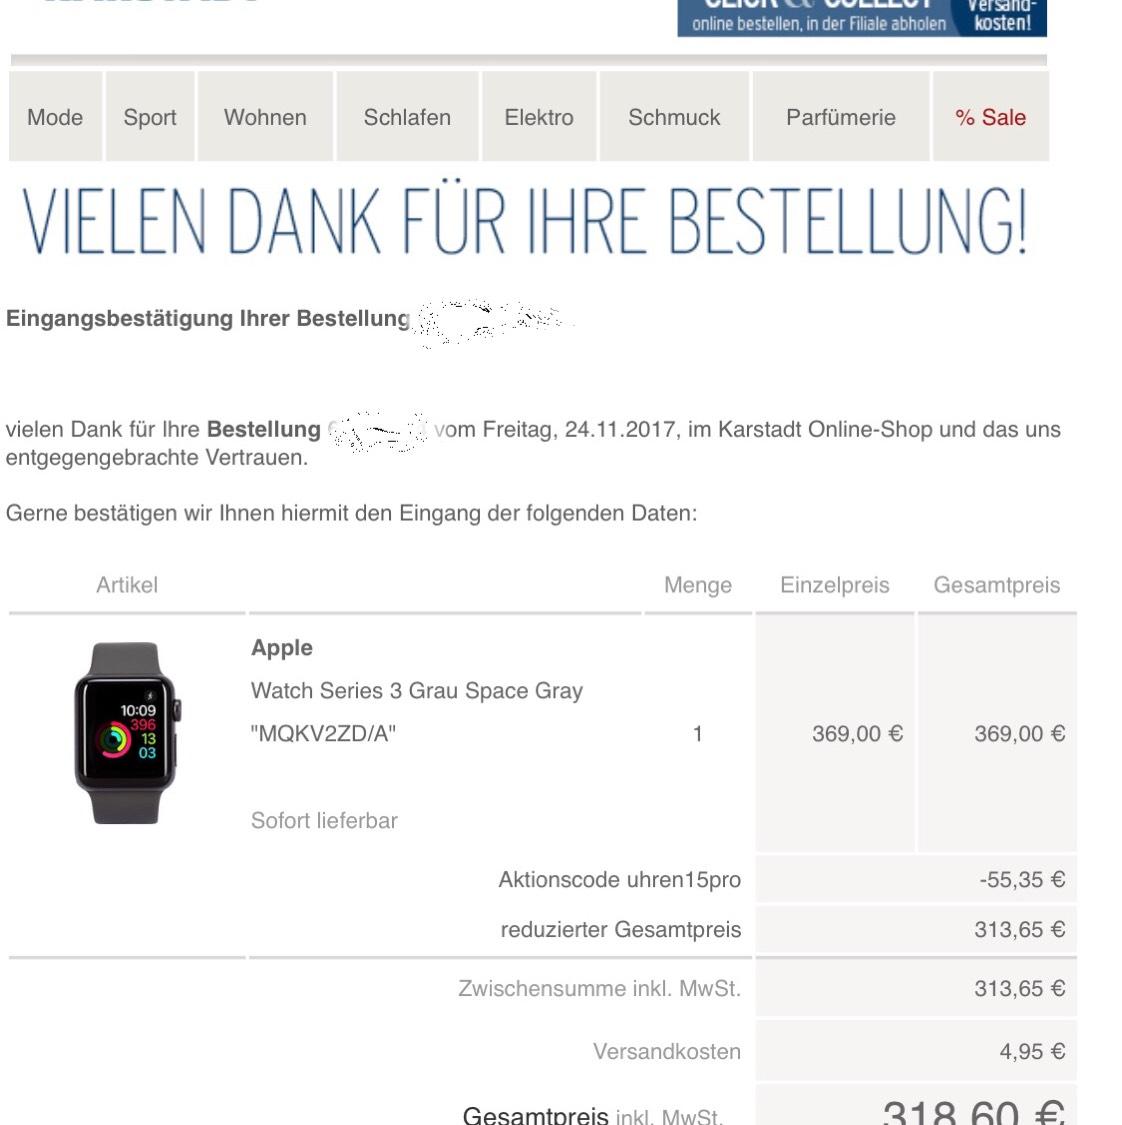 Apple Watch Series 3 38mm mit 15% + Shoop ~290€ / 42mm auch möglich